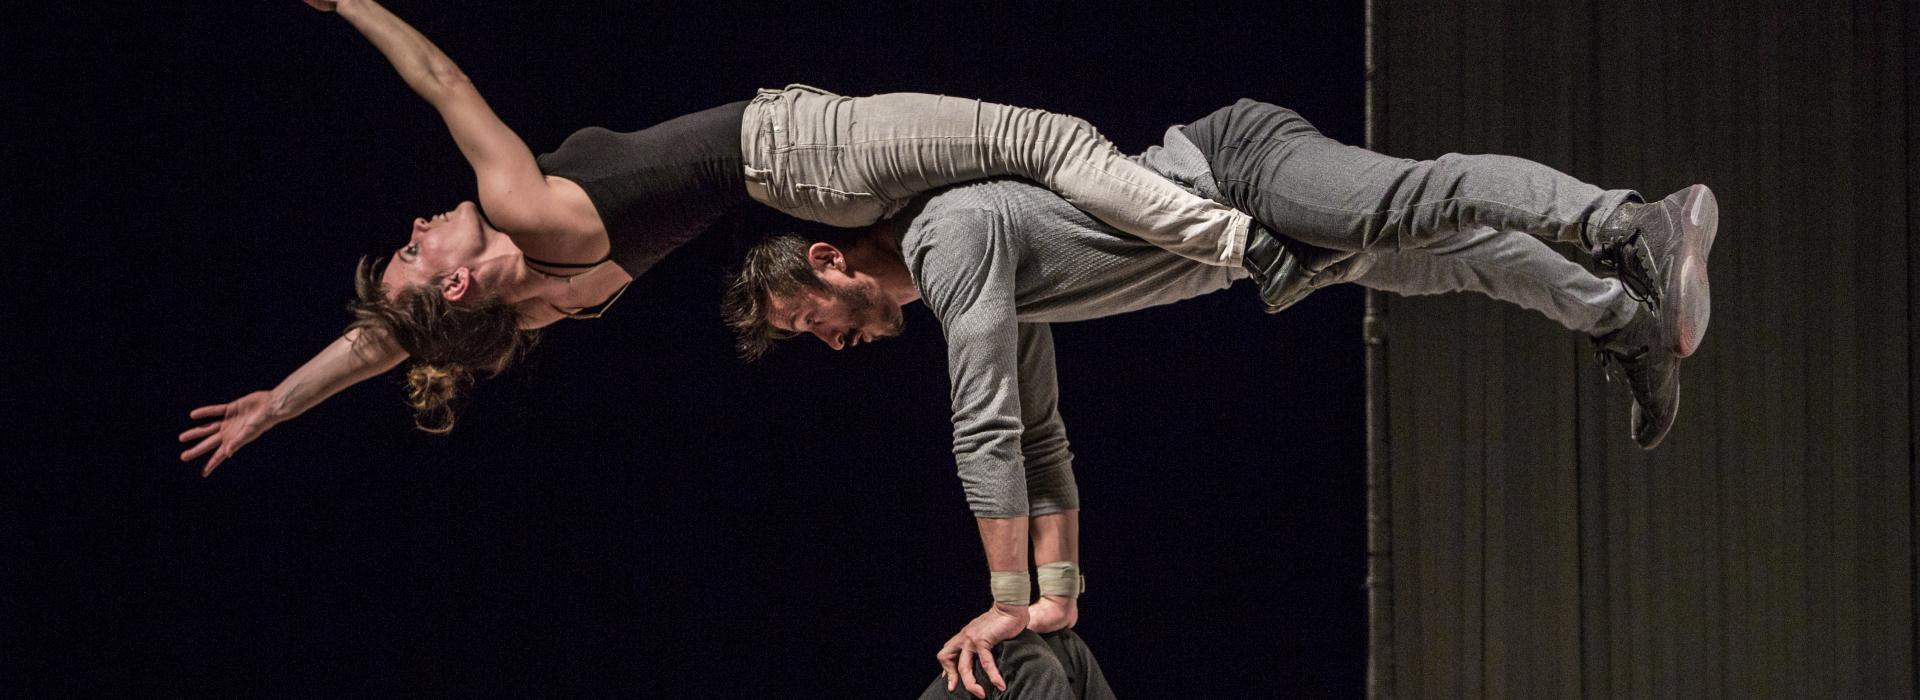 trois acrobates